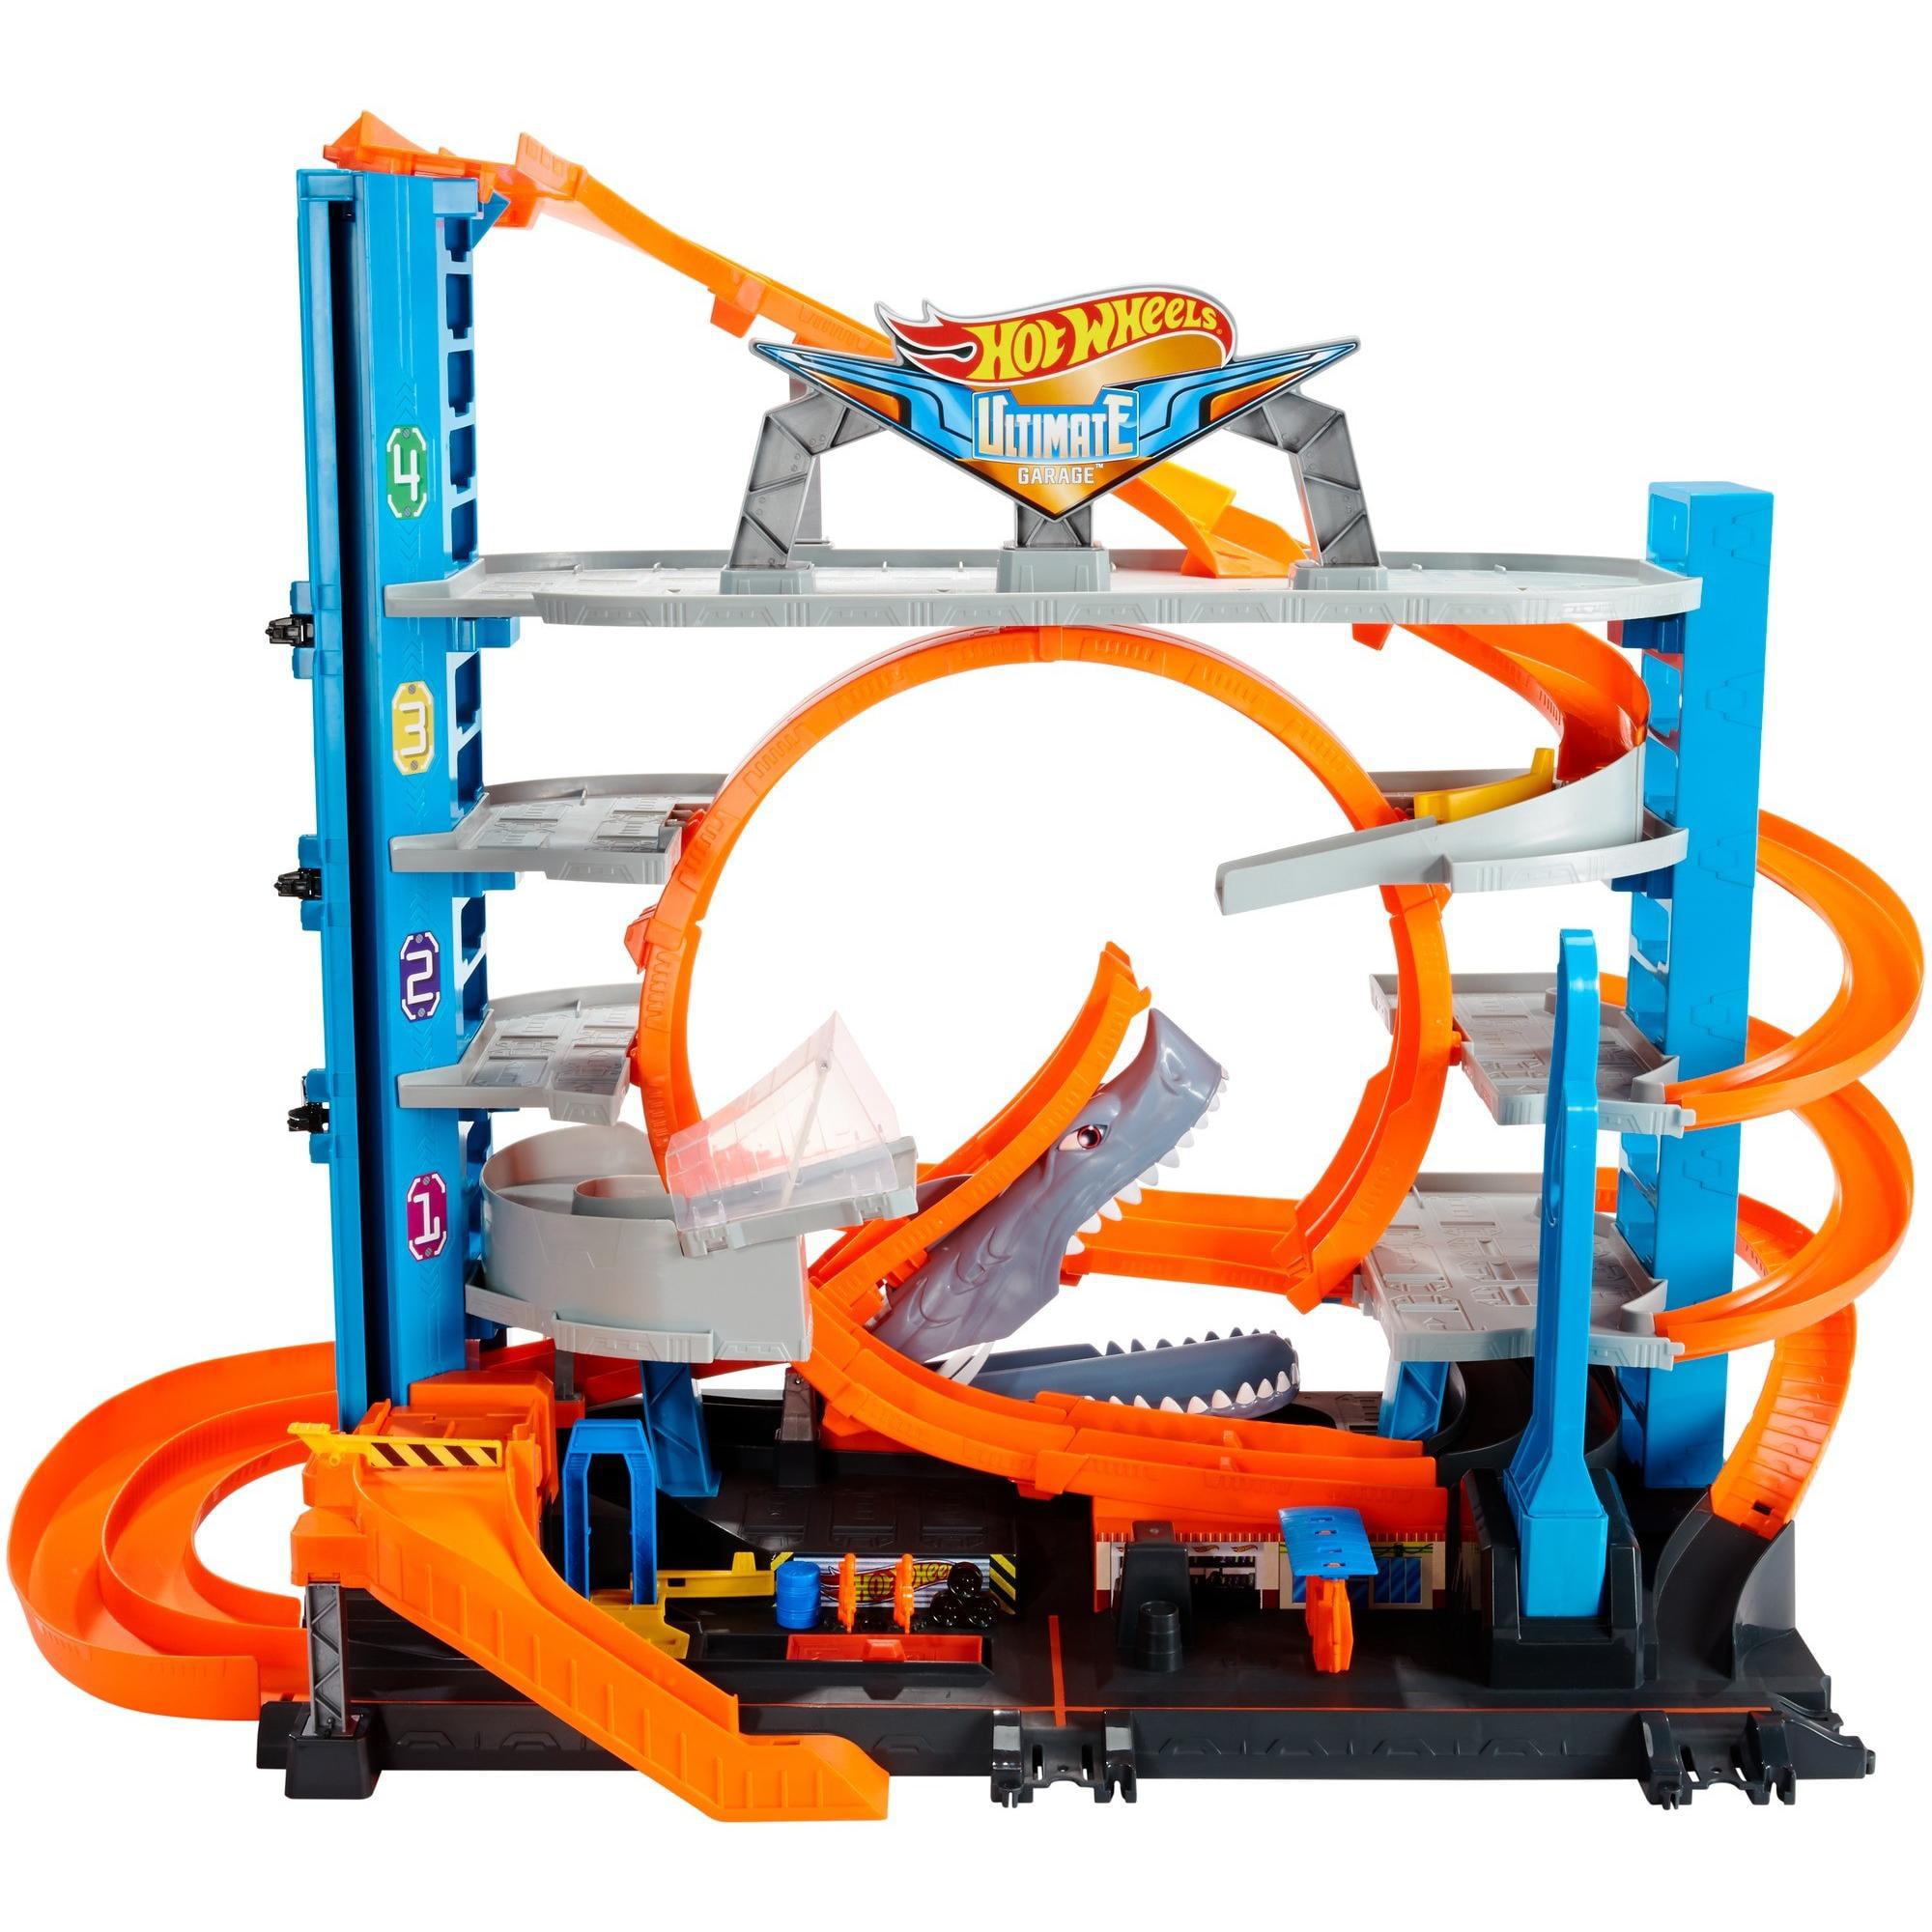 Hot Wheels Ultimate Garage Tower Shark Loop Racetrack, 2 Vehicles Set by Mattel